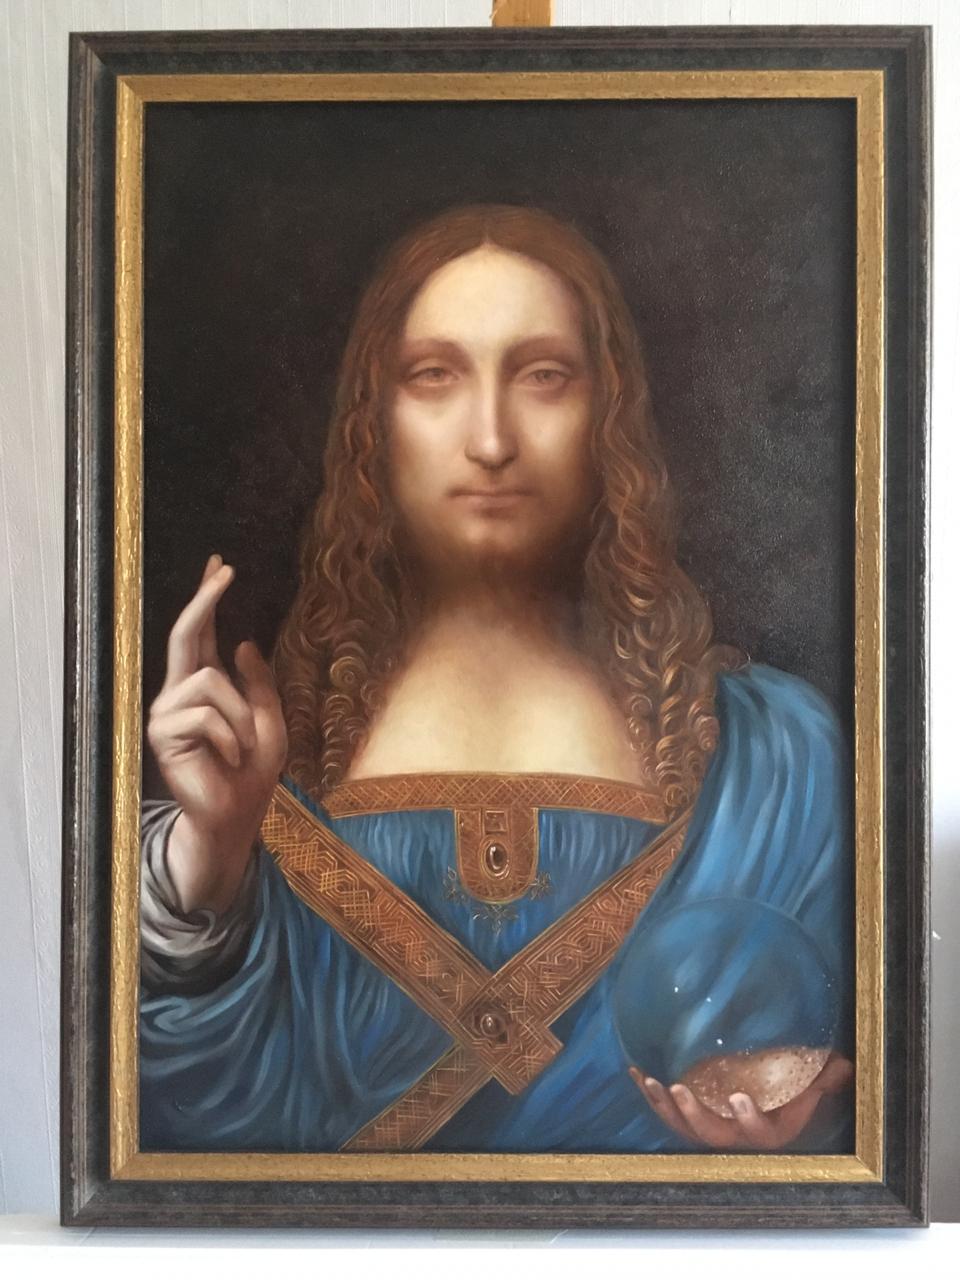 Спаситель Мира - копия картины Леонардо Да Винчи